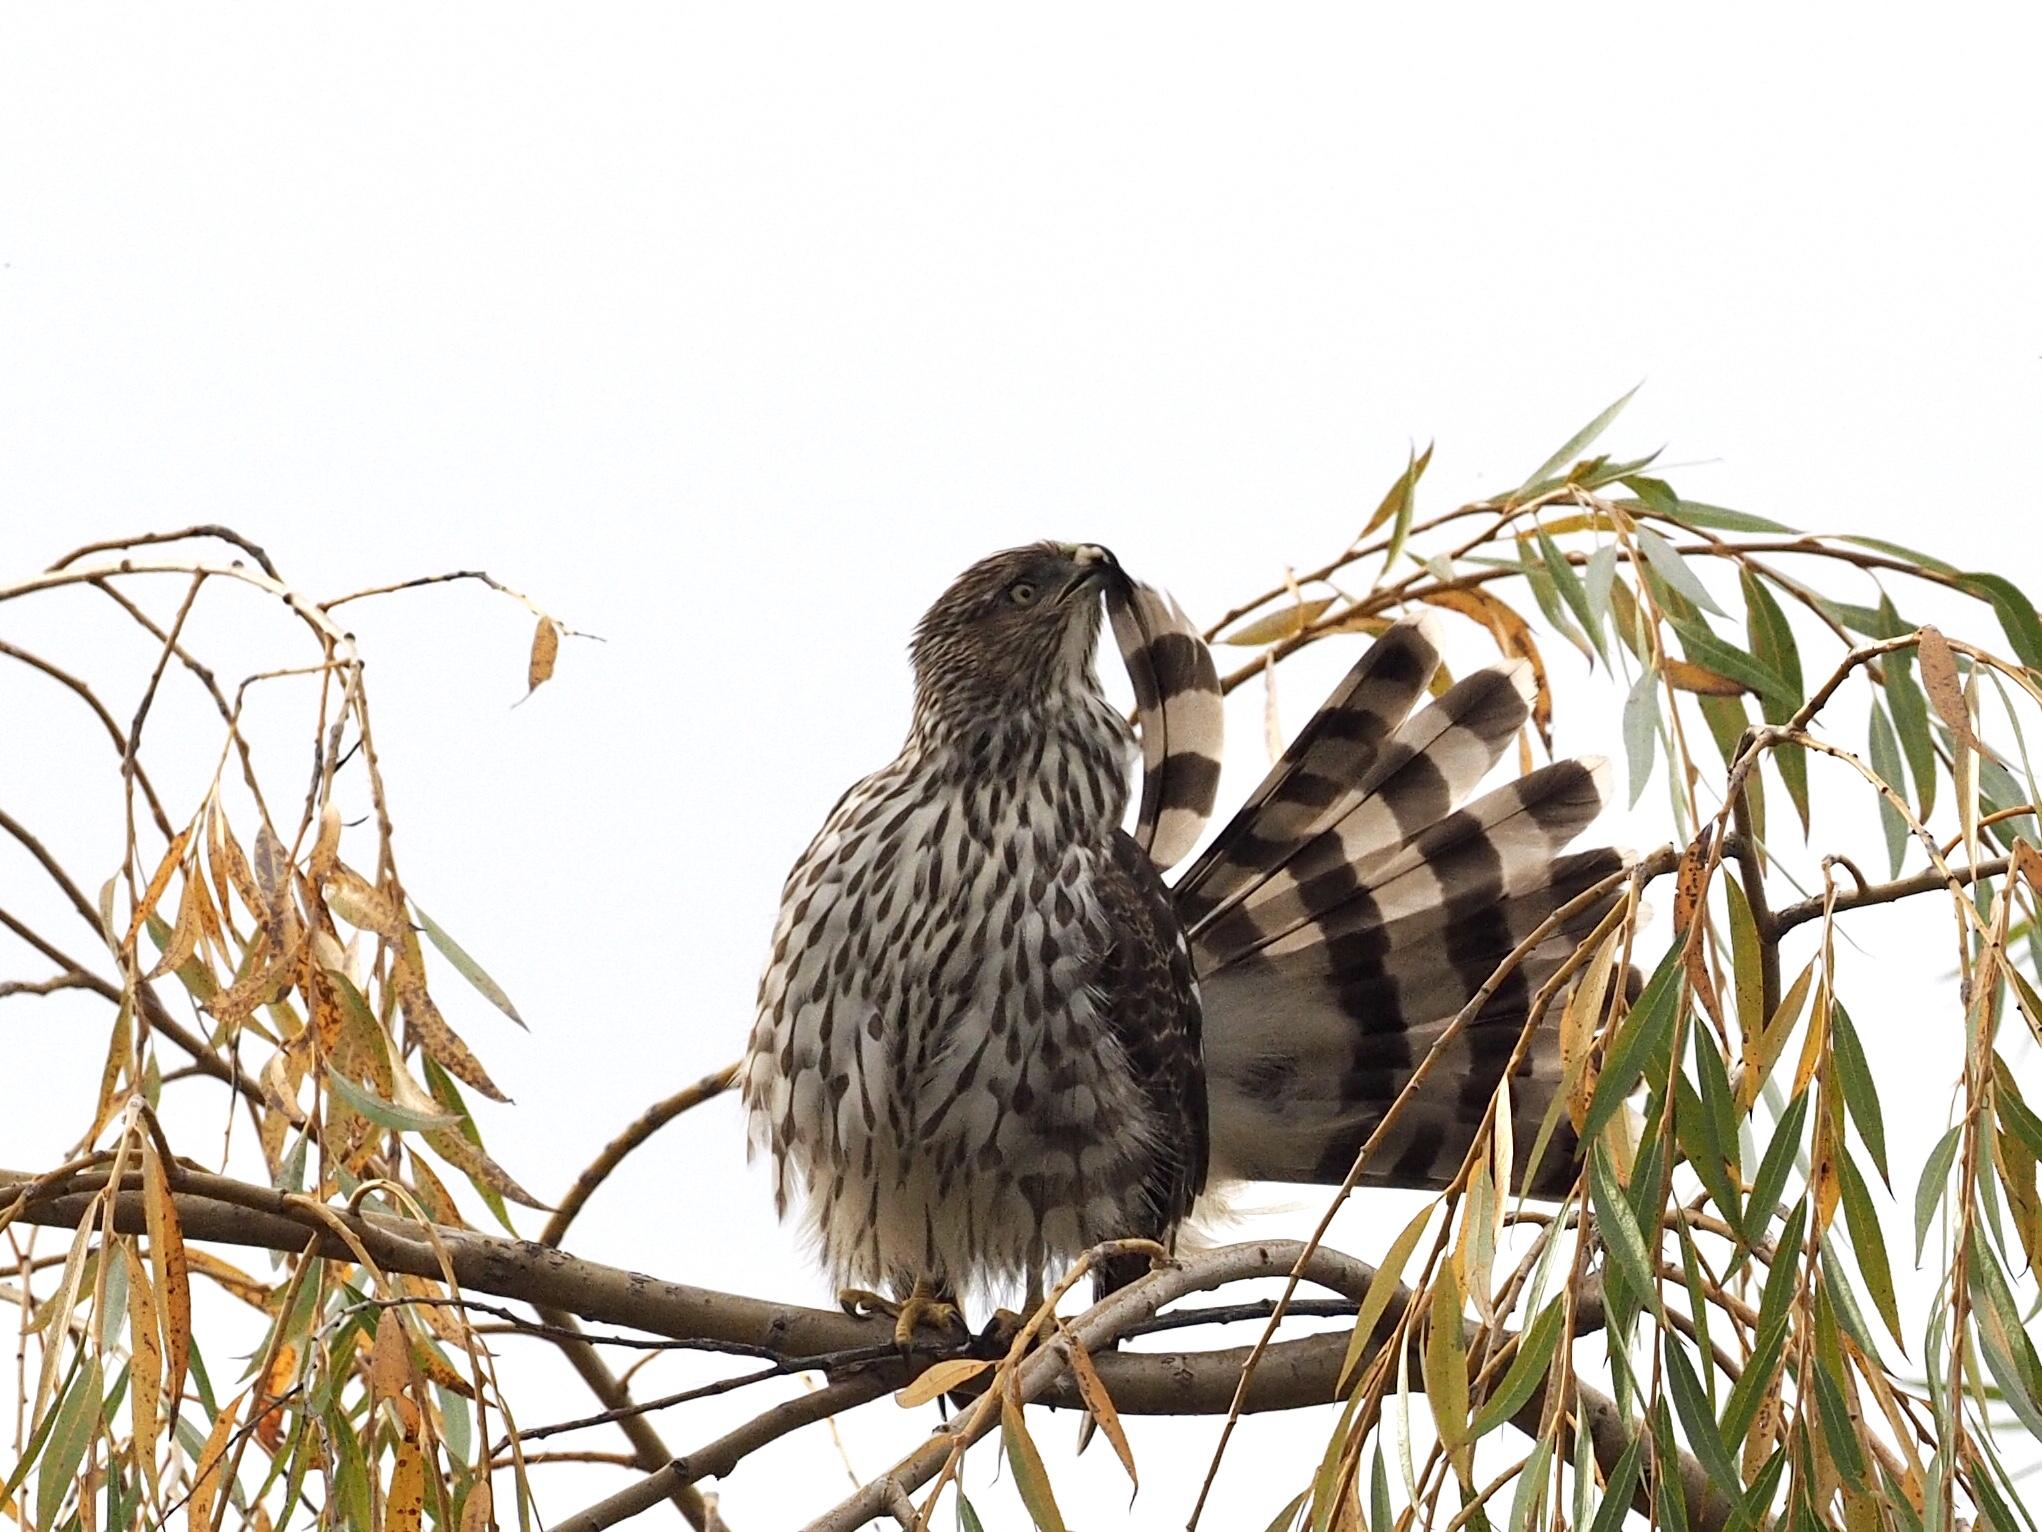 Cooper's Hawk Preening